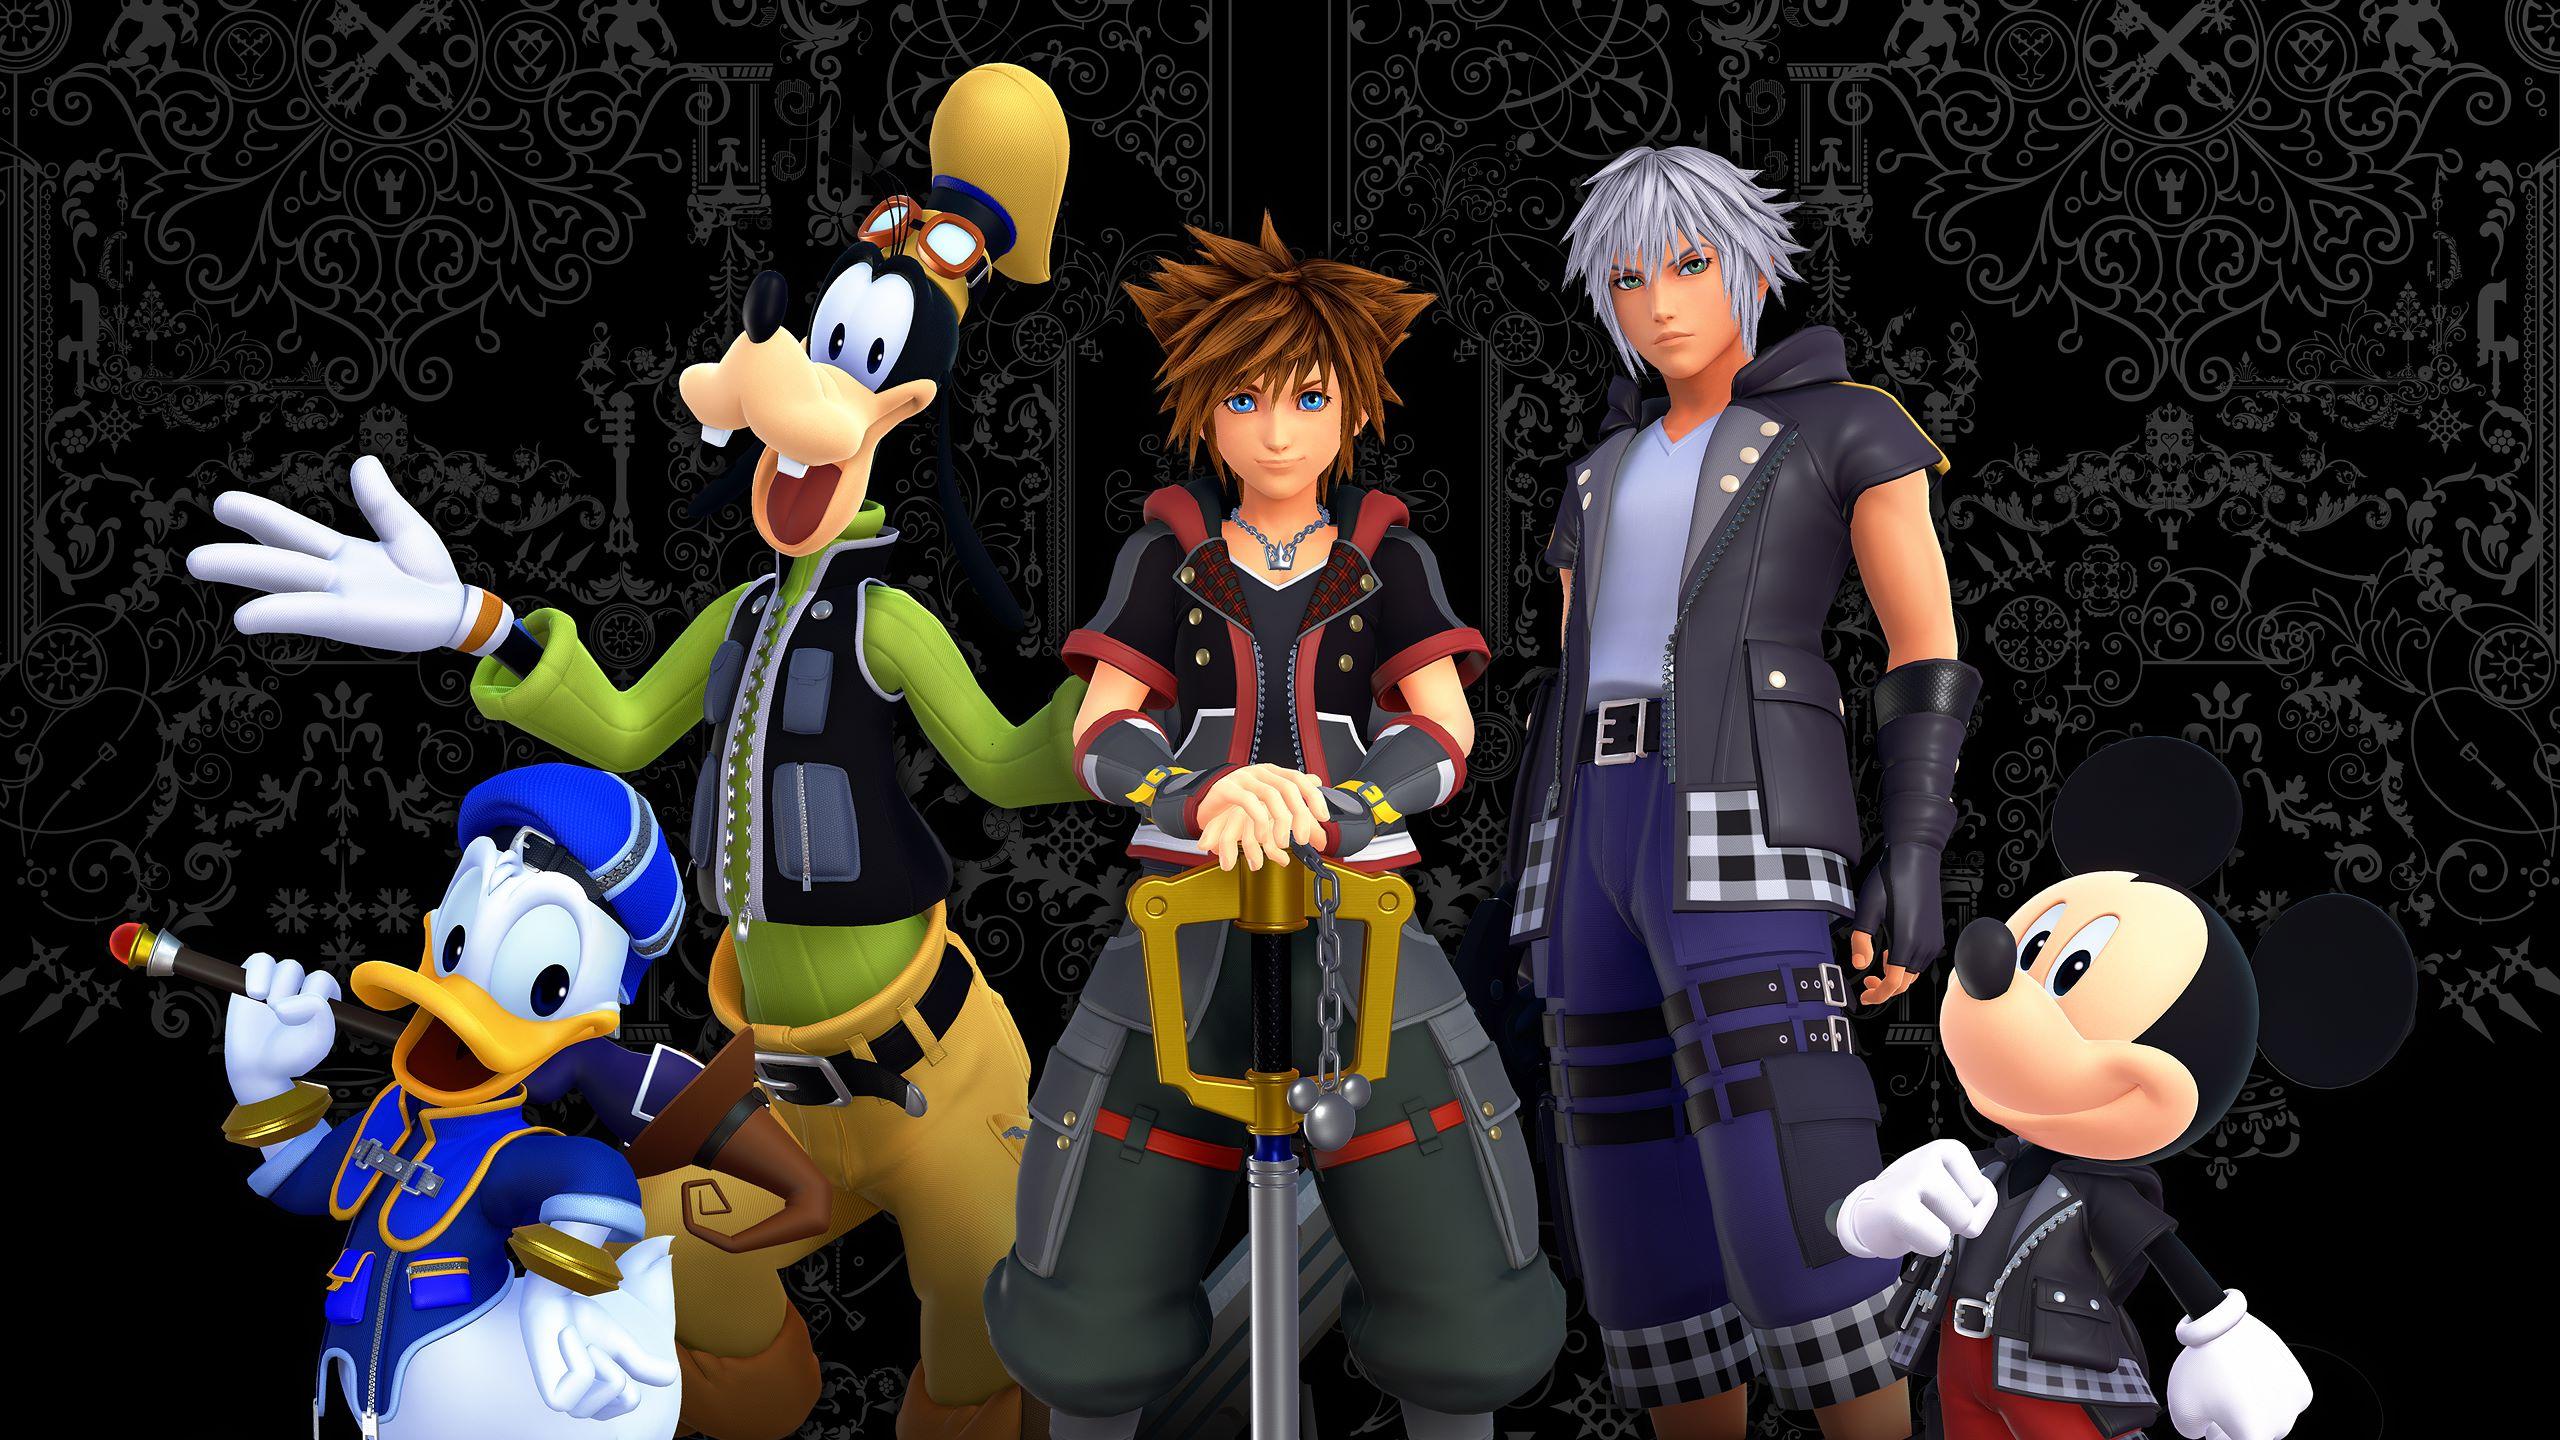 Kingdom Hearts 3 Sora Kingdom Hearts Mickey Mouse Donald Duck Goofy